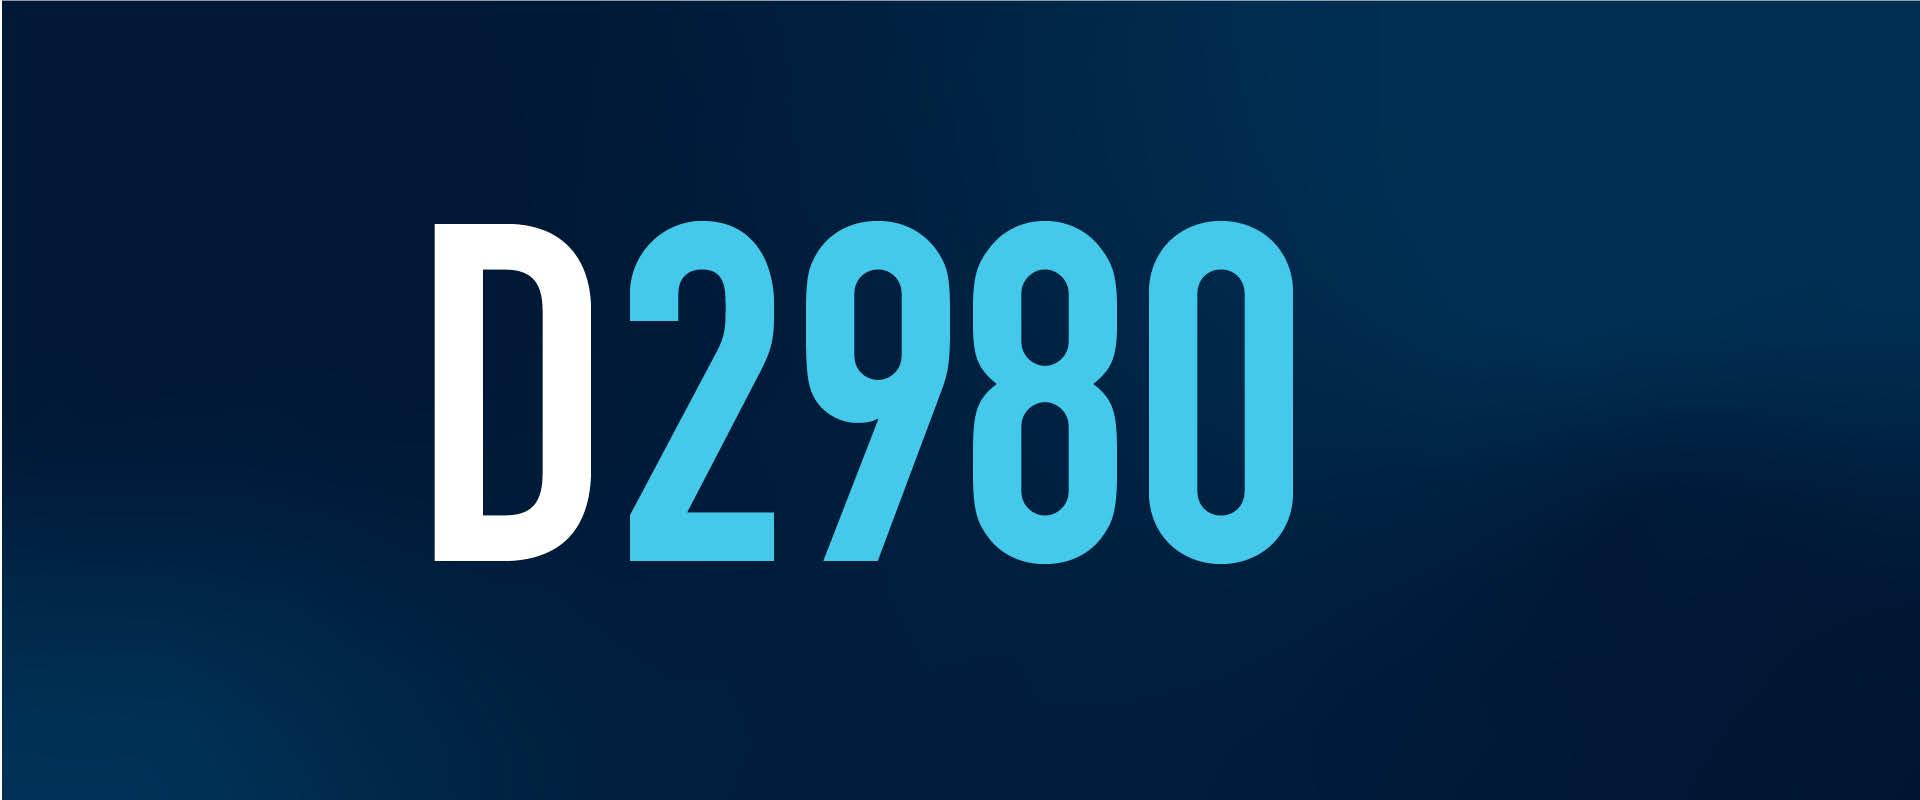 R184 11.D2980